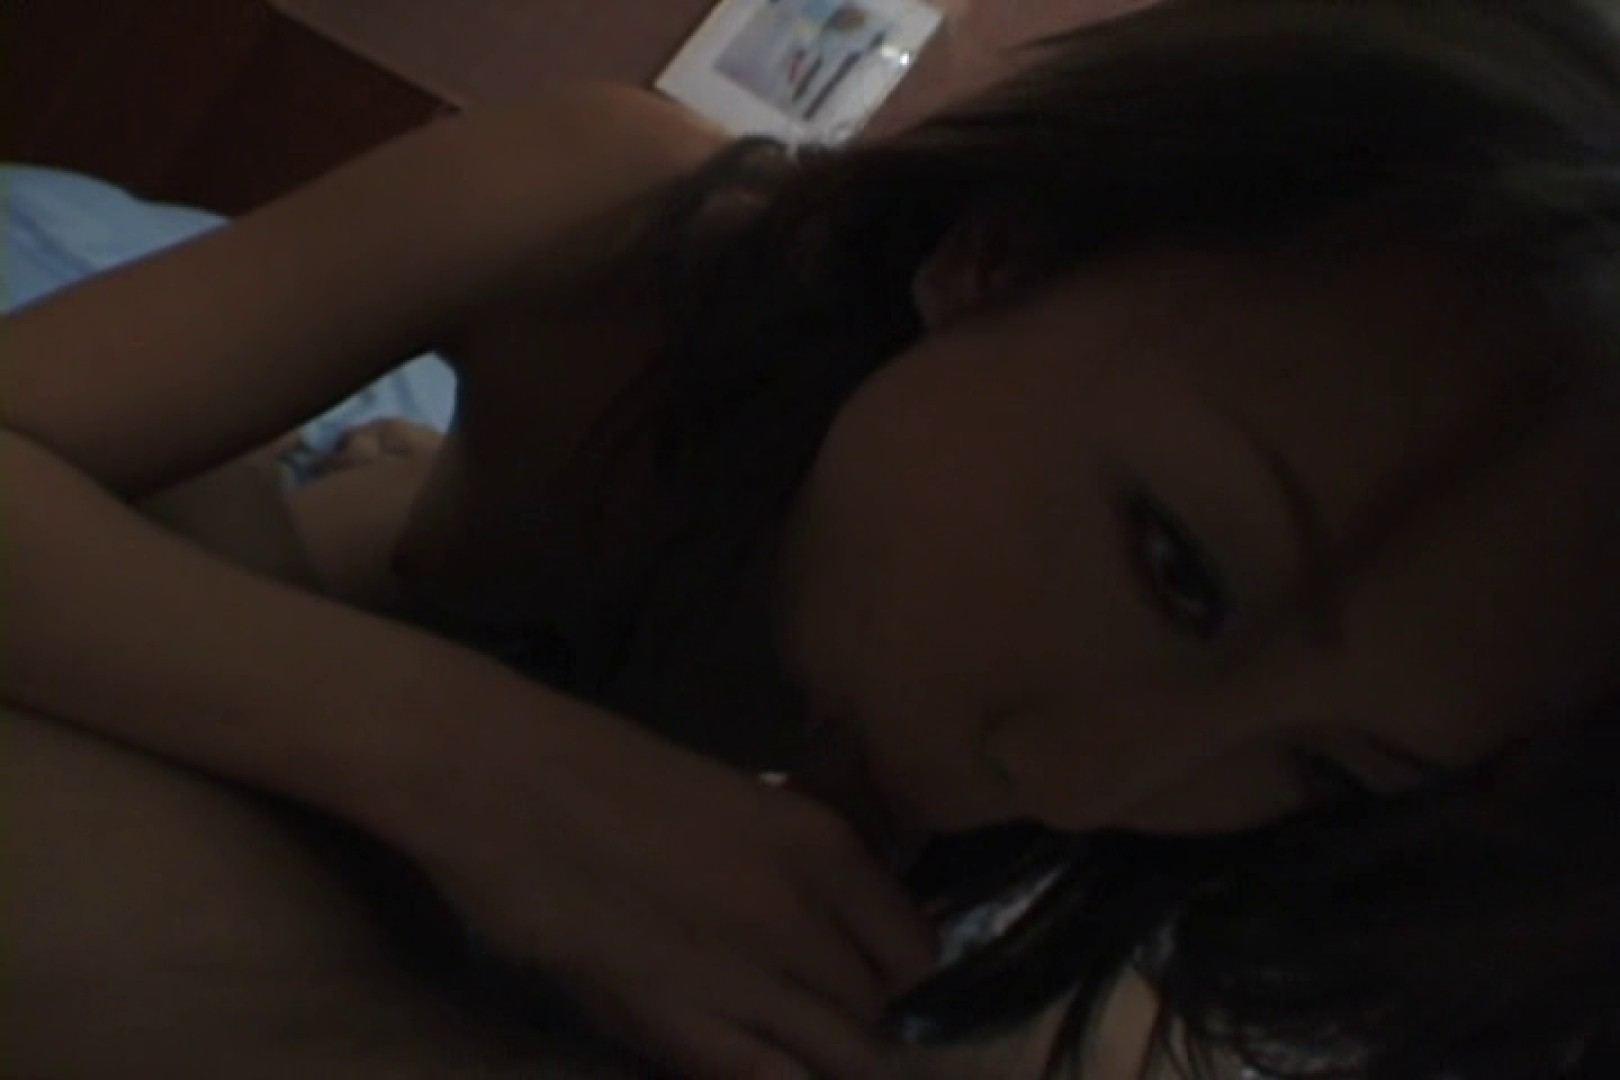 旦那との愛よりも、愛人とのSEX~片瀬梨子~vol,1 SEX映像 ぱこり動画紹介 72pic 61